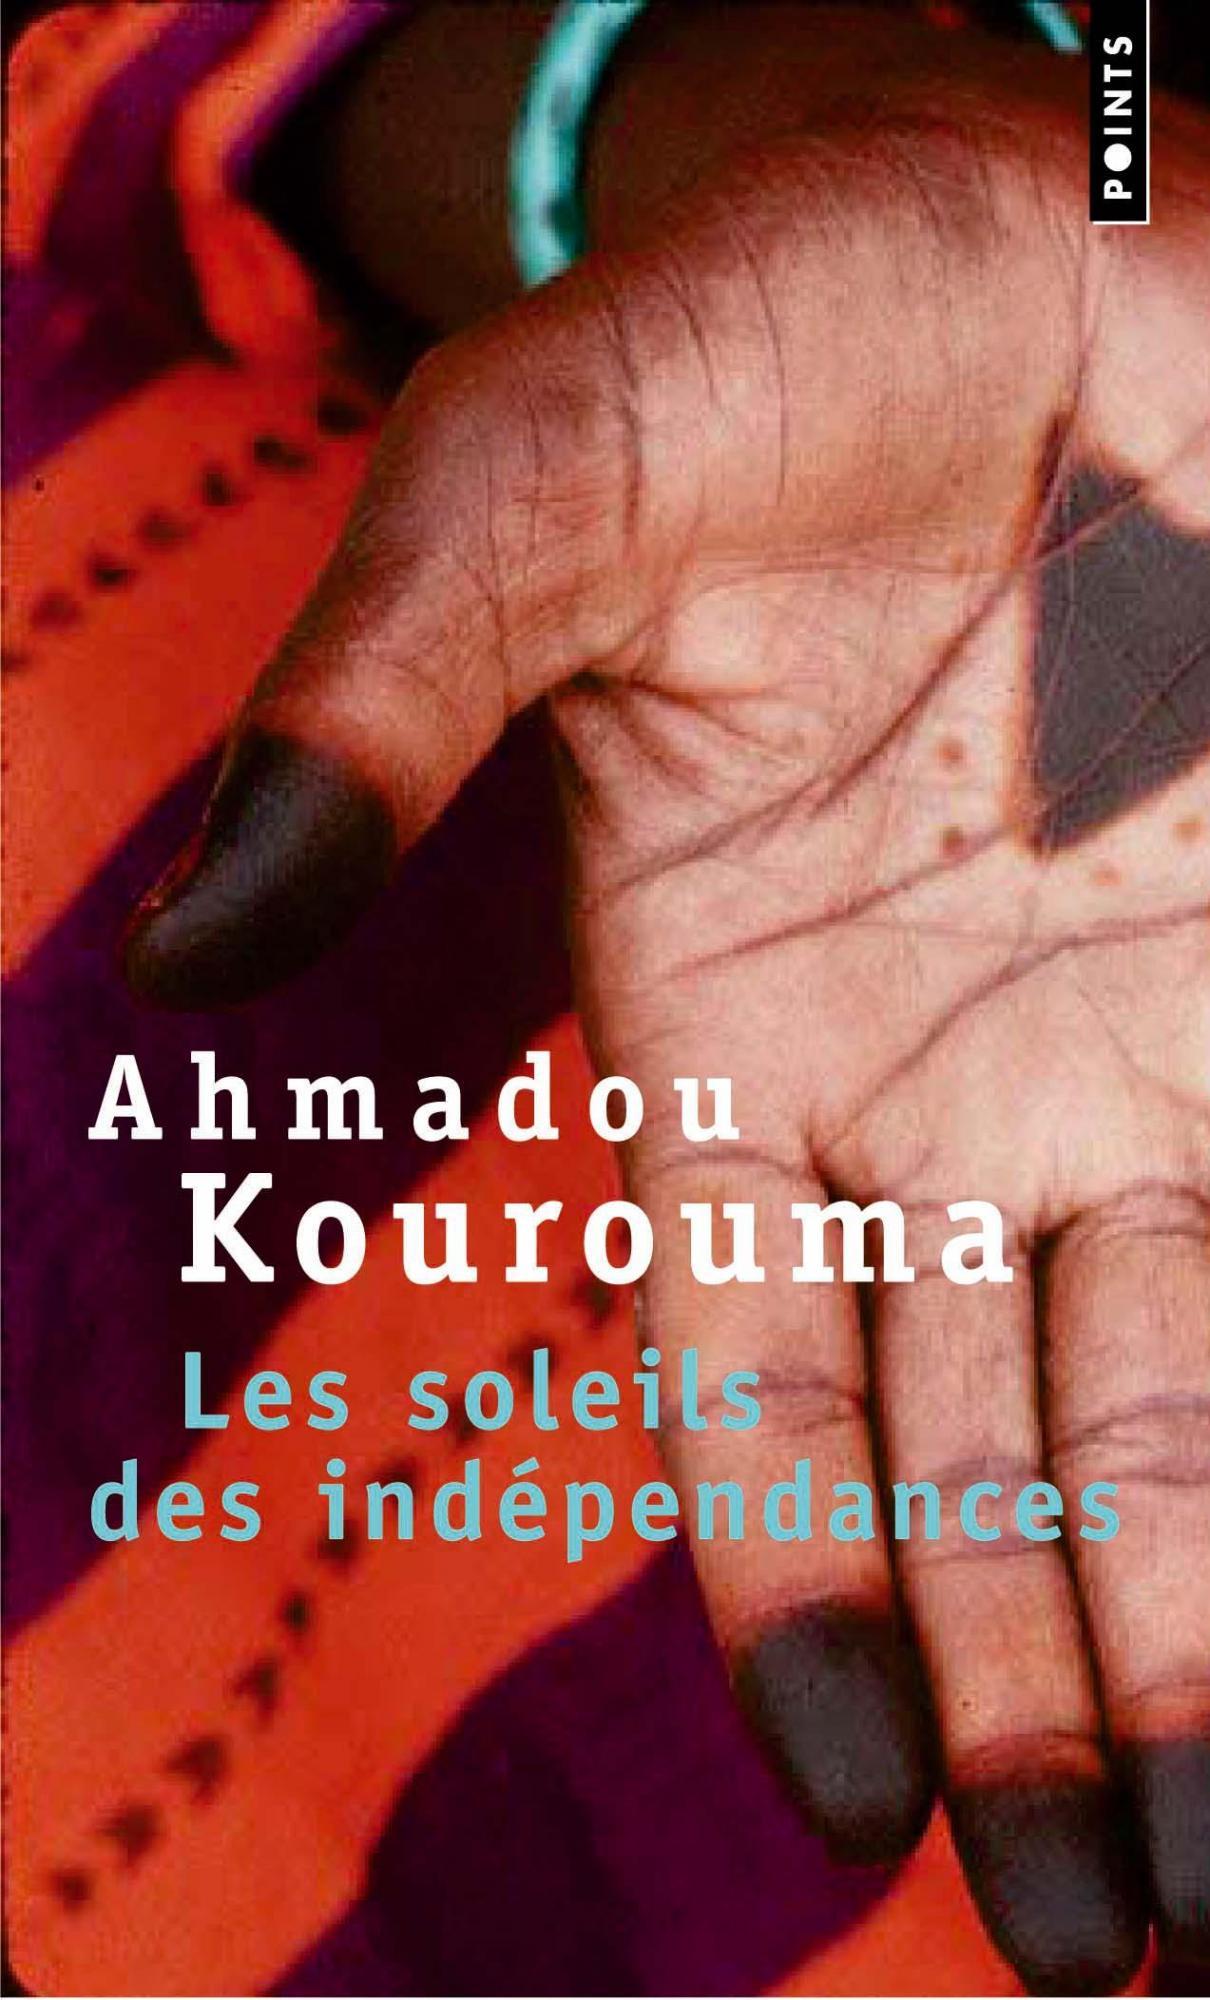 Kourouma - Le soleil des indépendances - Points Seuil